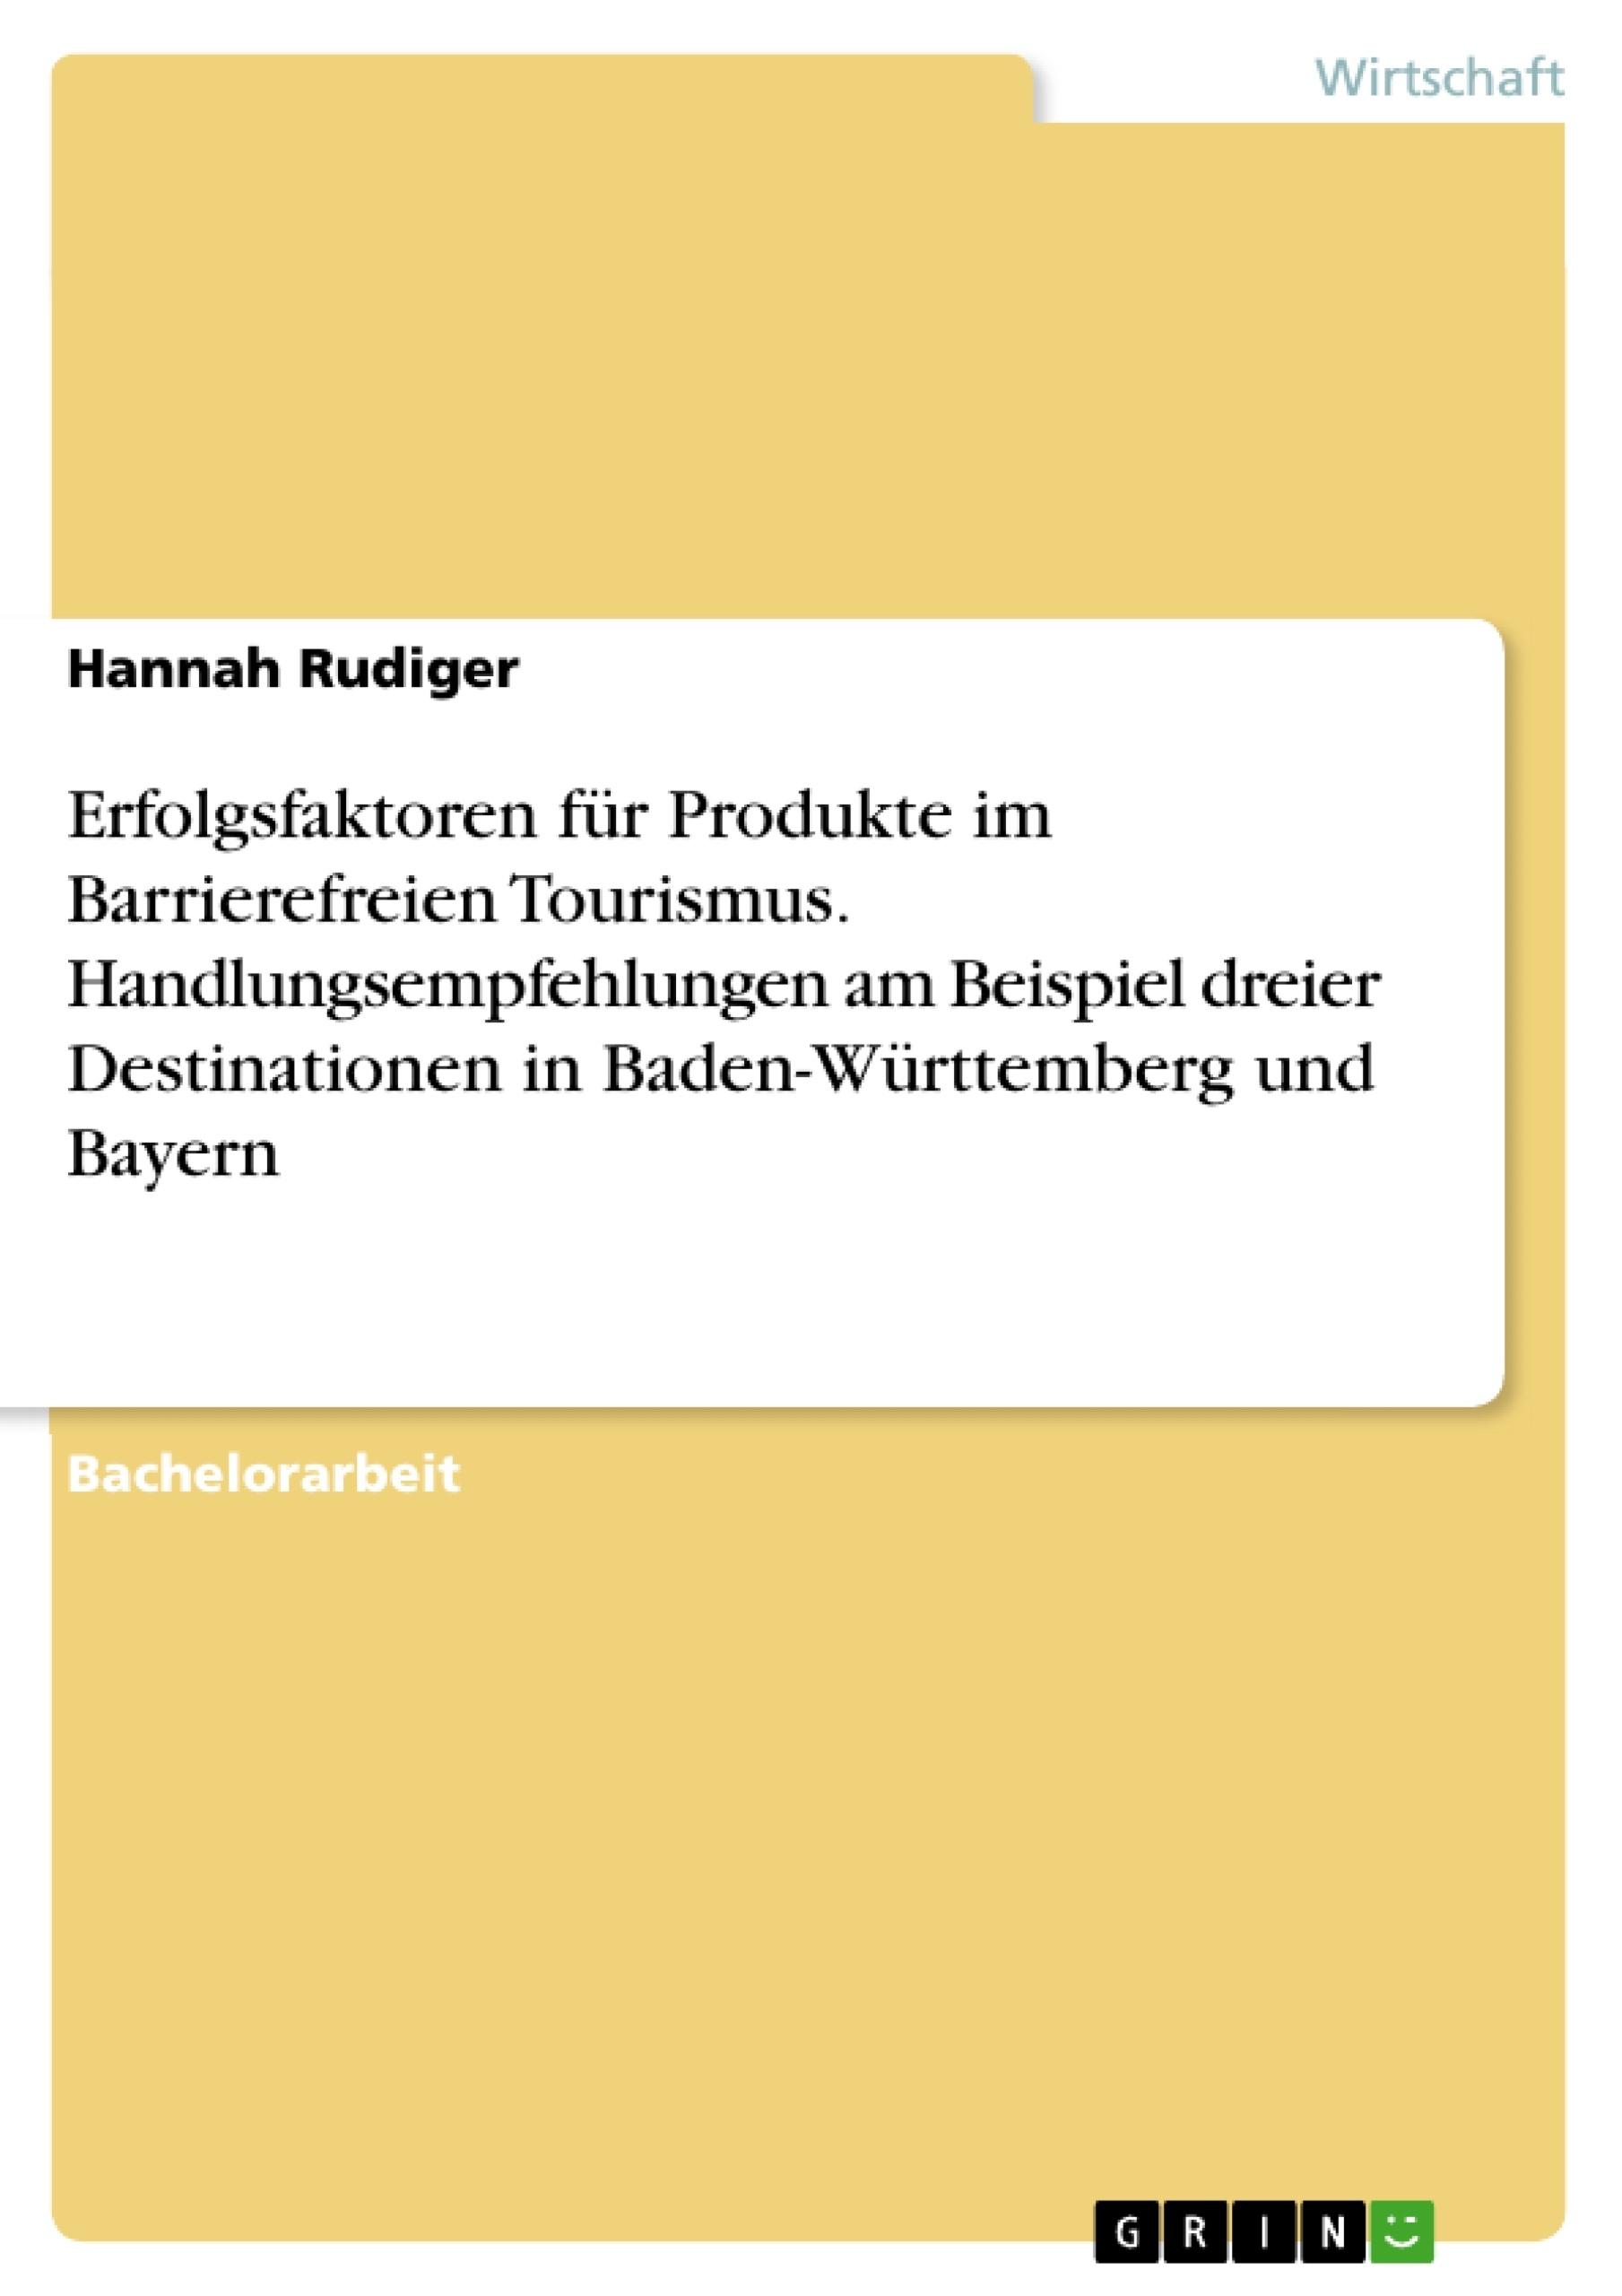 Titel: Erfolgsfaktoren für Produkte im Barrierefreien Tourismus. Handlungsempfehlungen am Beispiel dreier Destinationen in Baden-Württemberg und Bayern